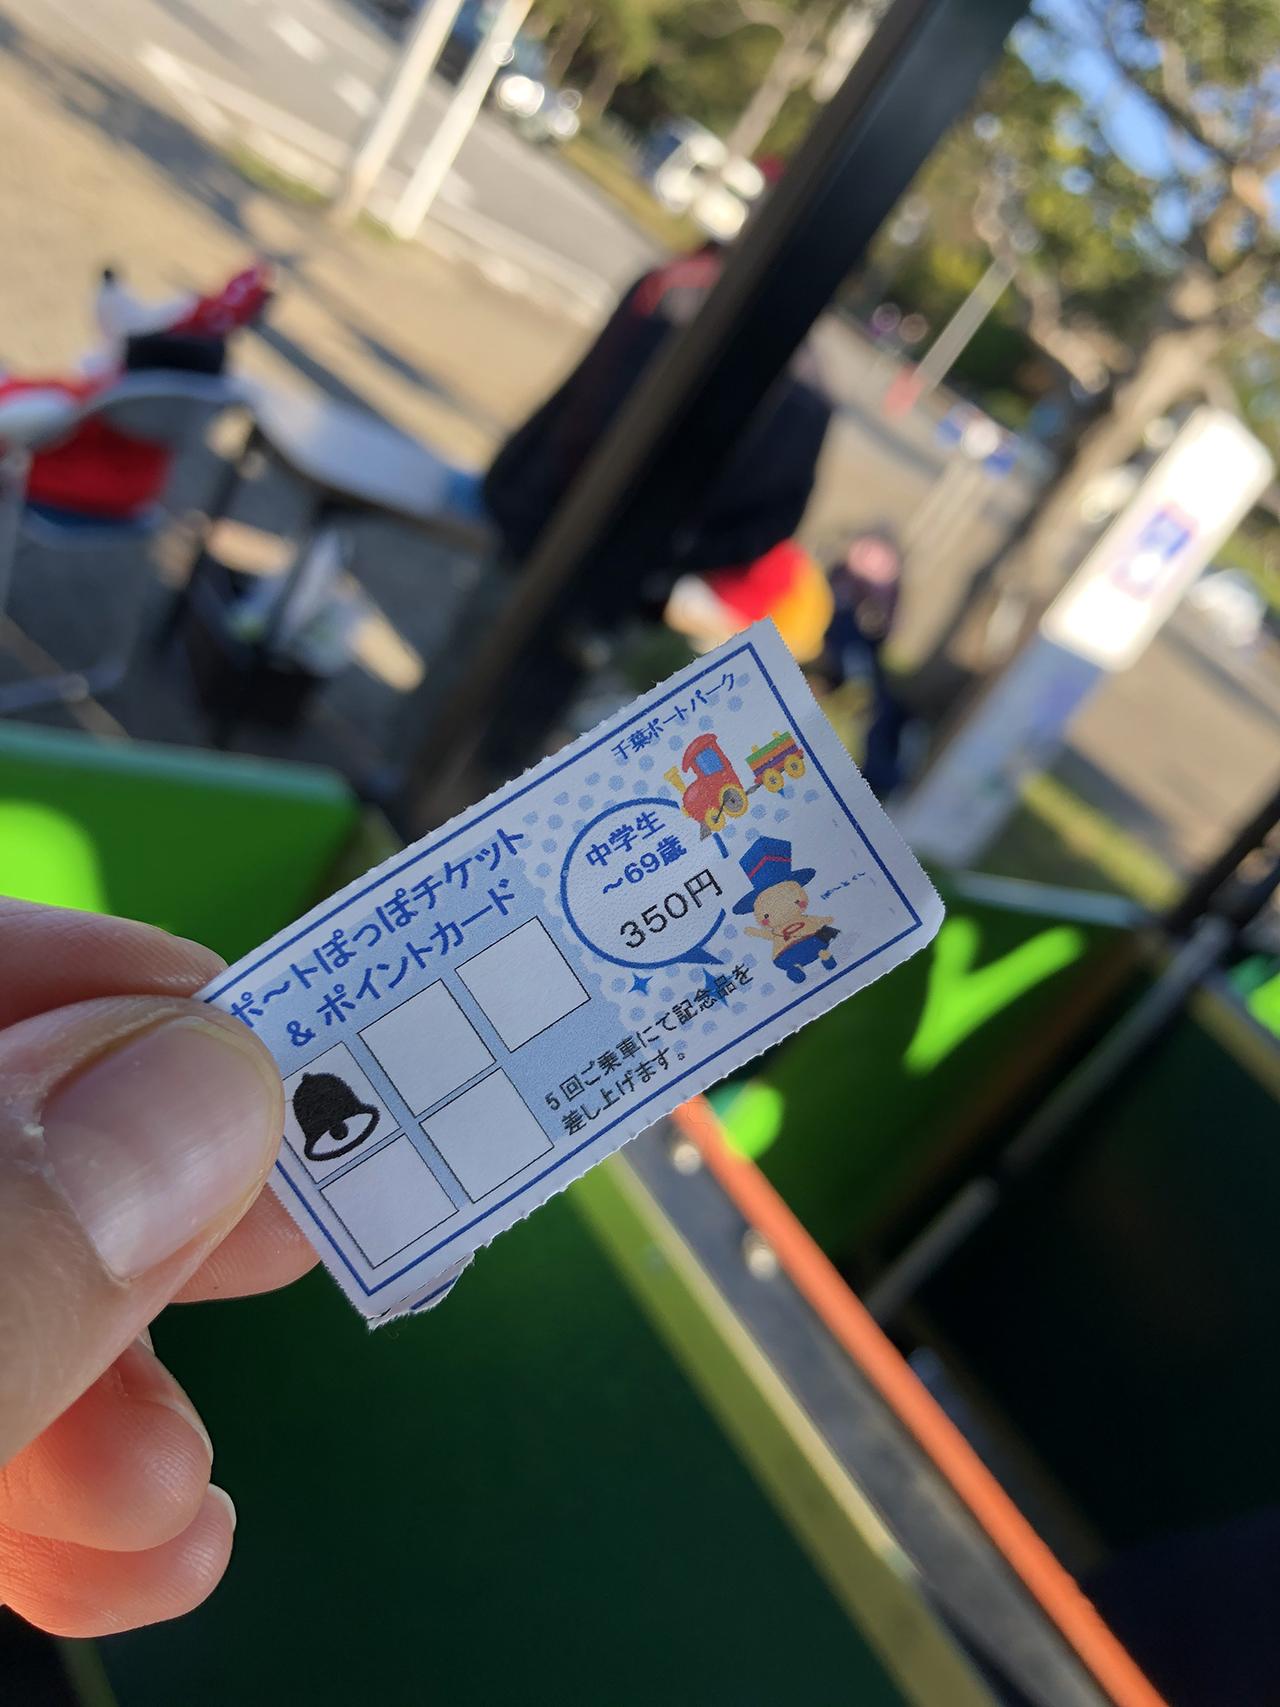 千葉ポ〜トぽっぽのポイントカードチケットの写真